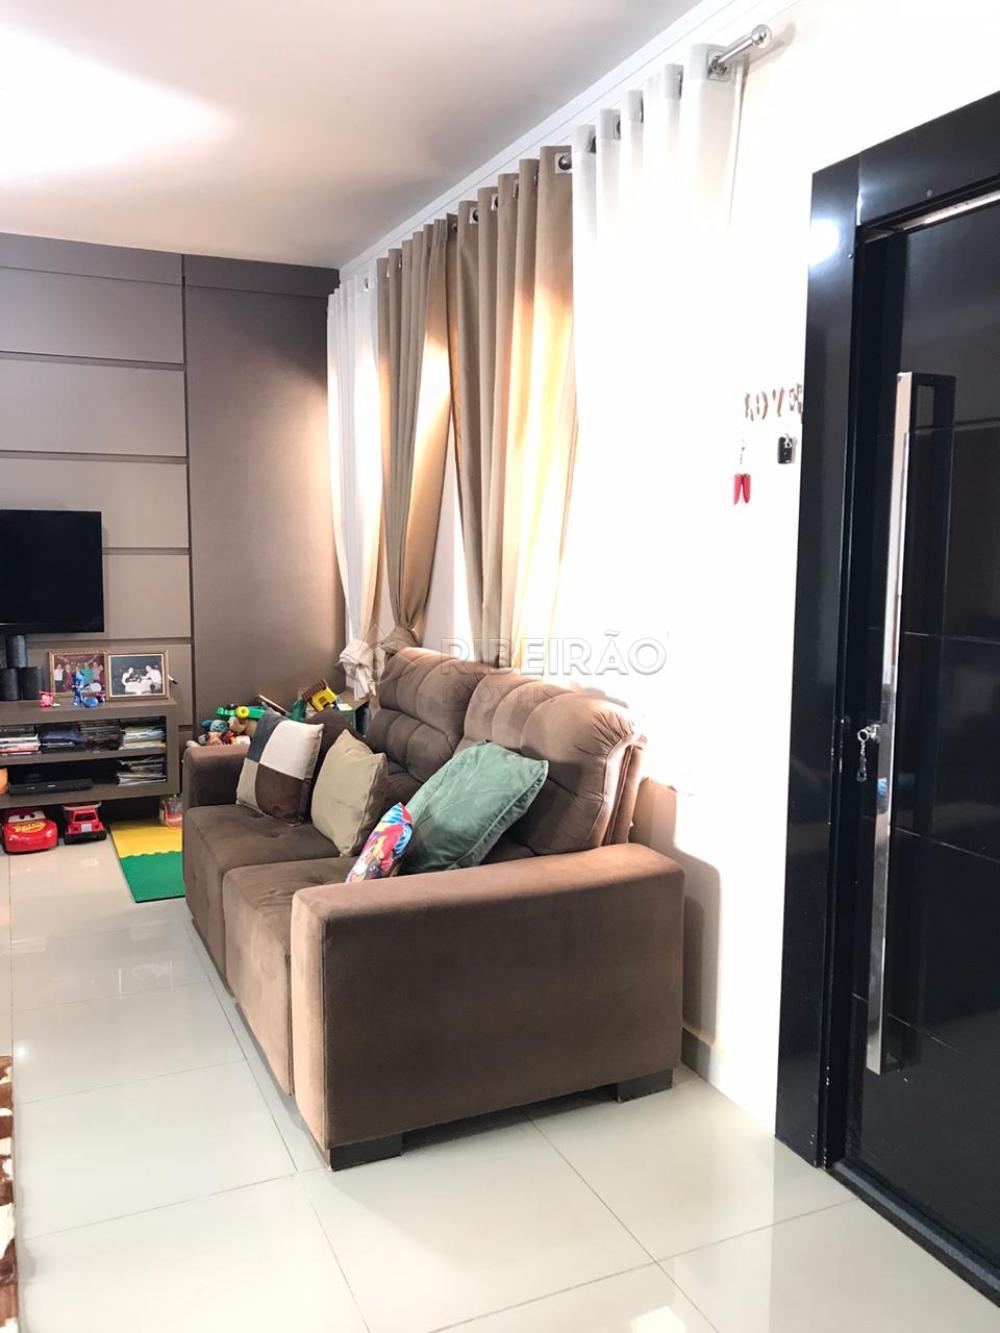 Alugar Casa / Condomínio em Cravinhos apenas R$ 3.500,00 - Foto 16